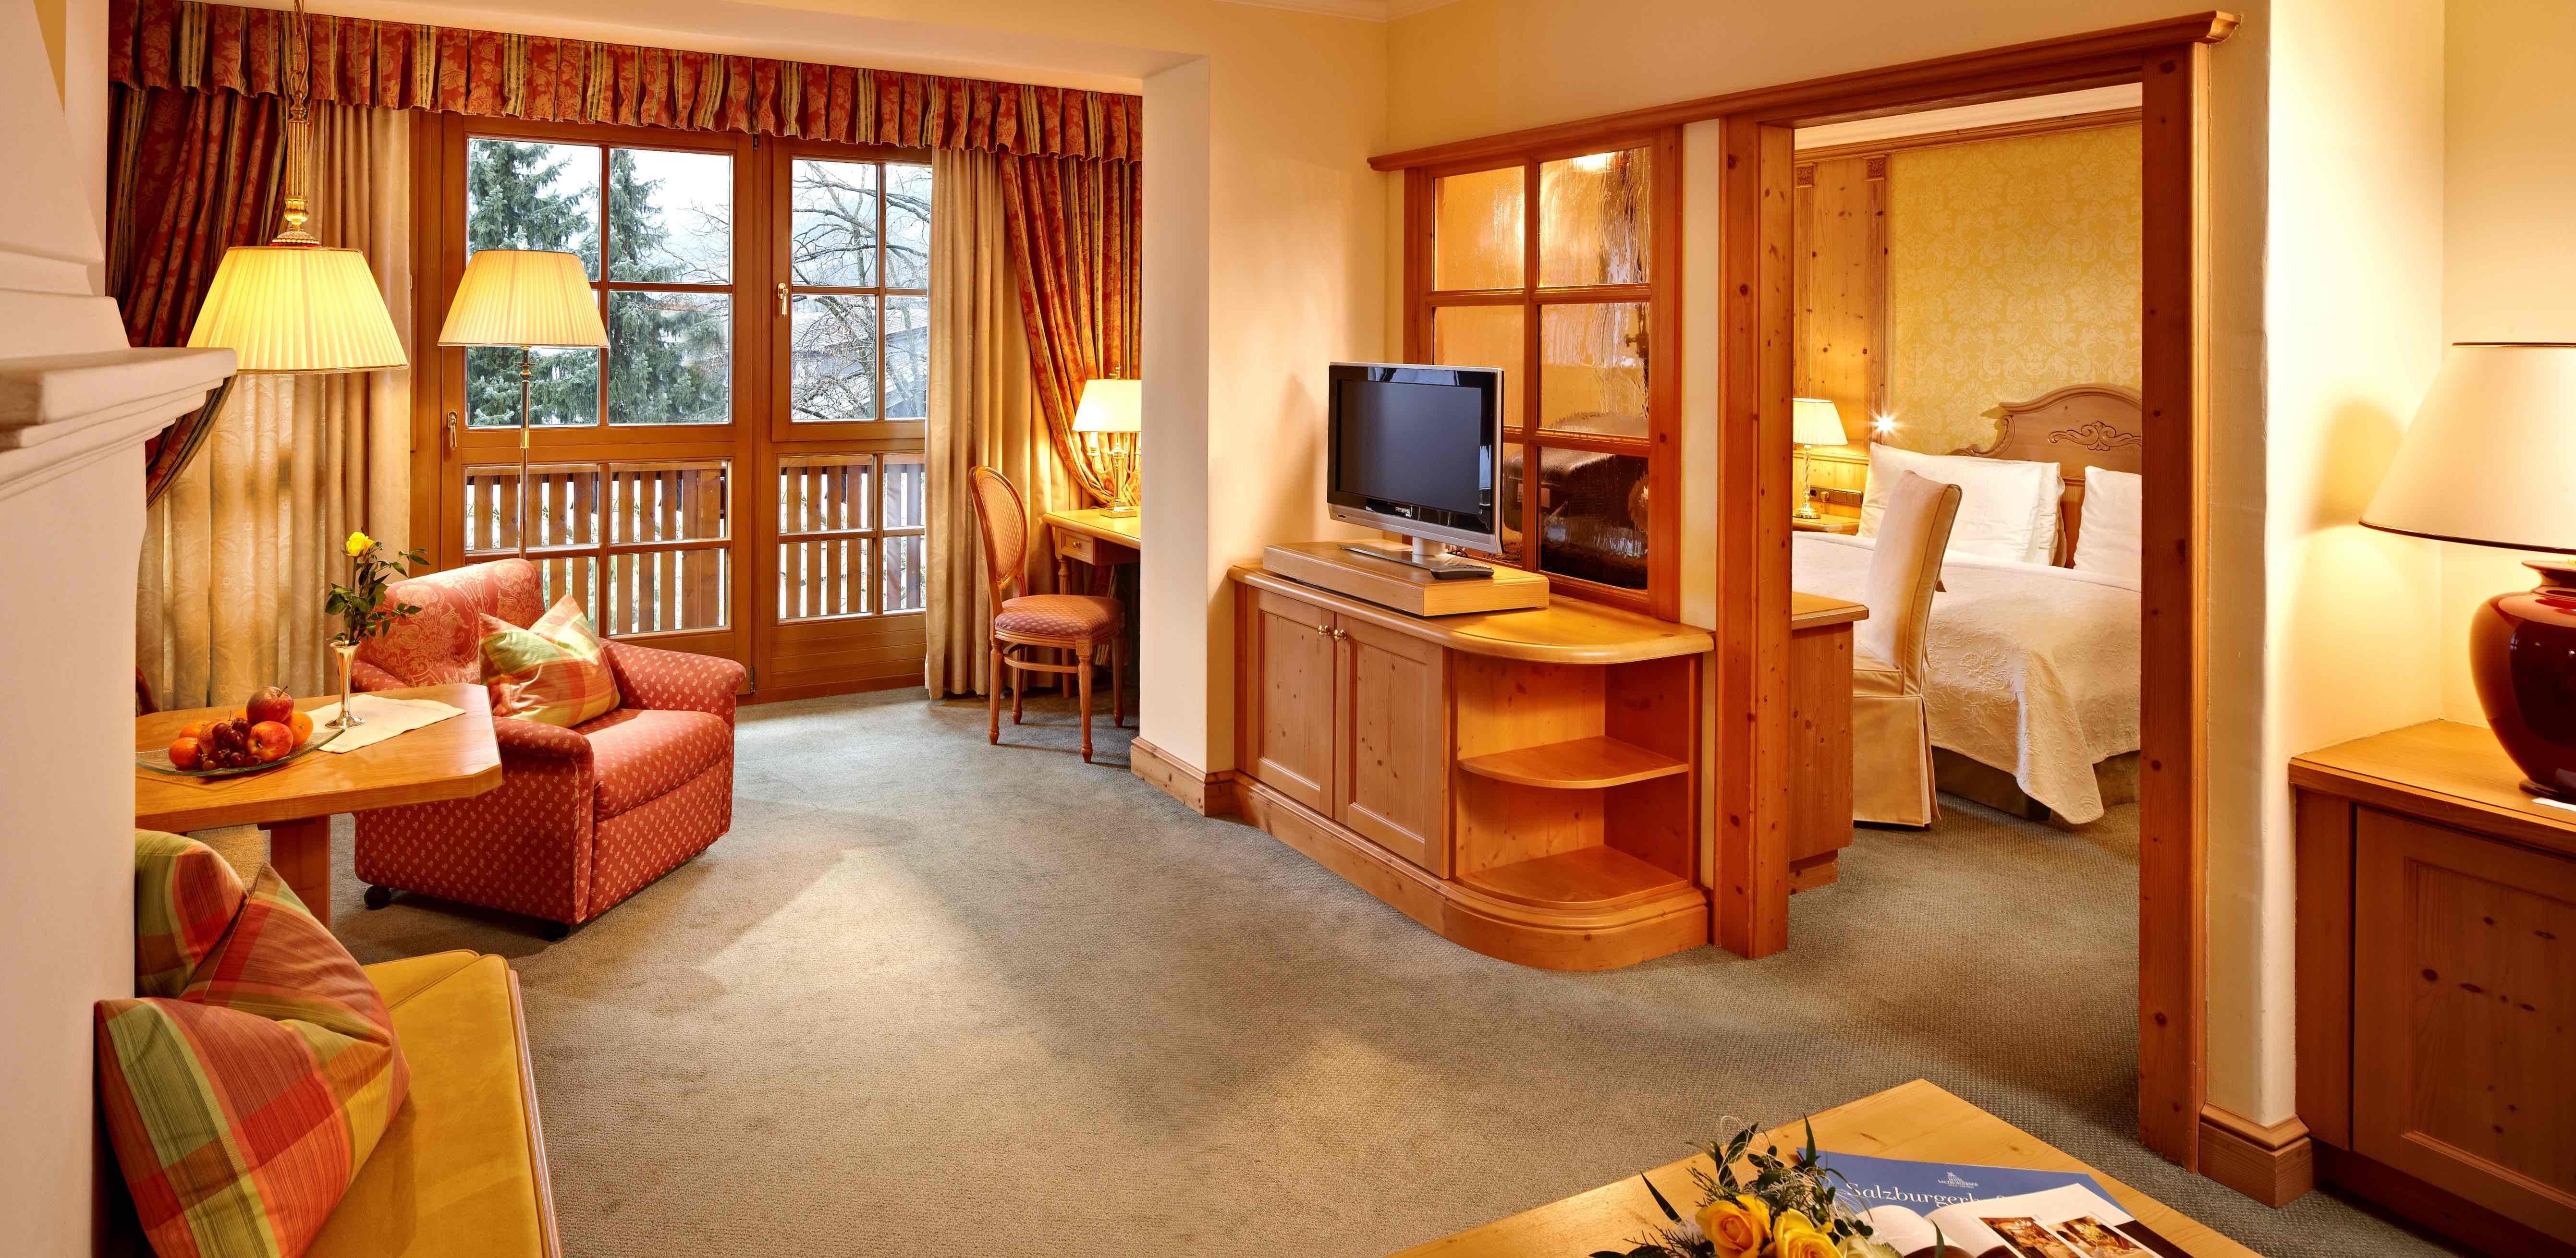 2570~salzburgerhof-suite-50m